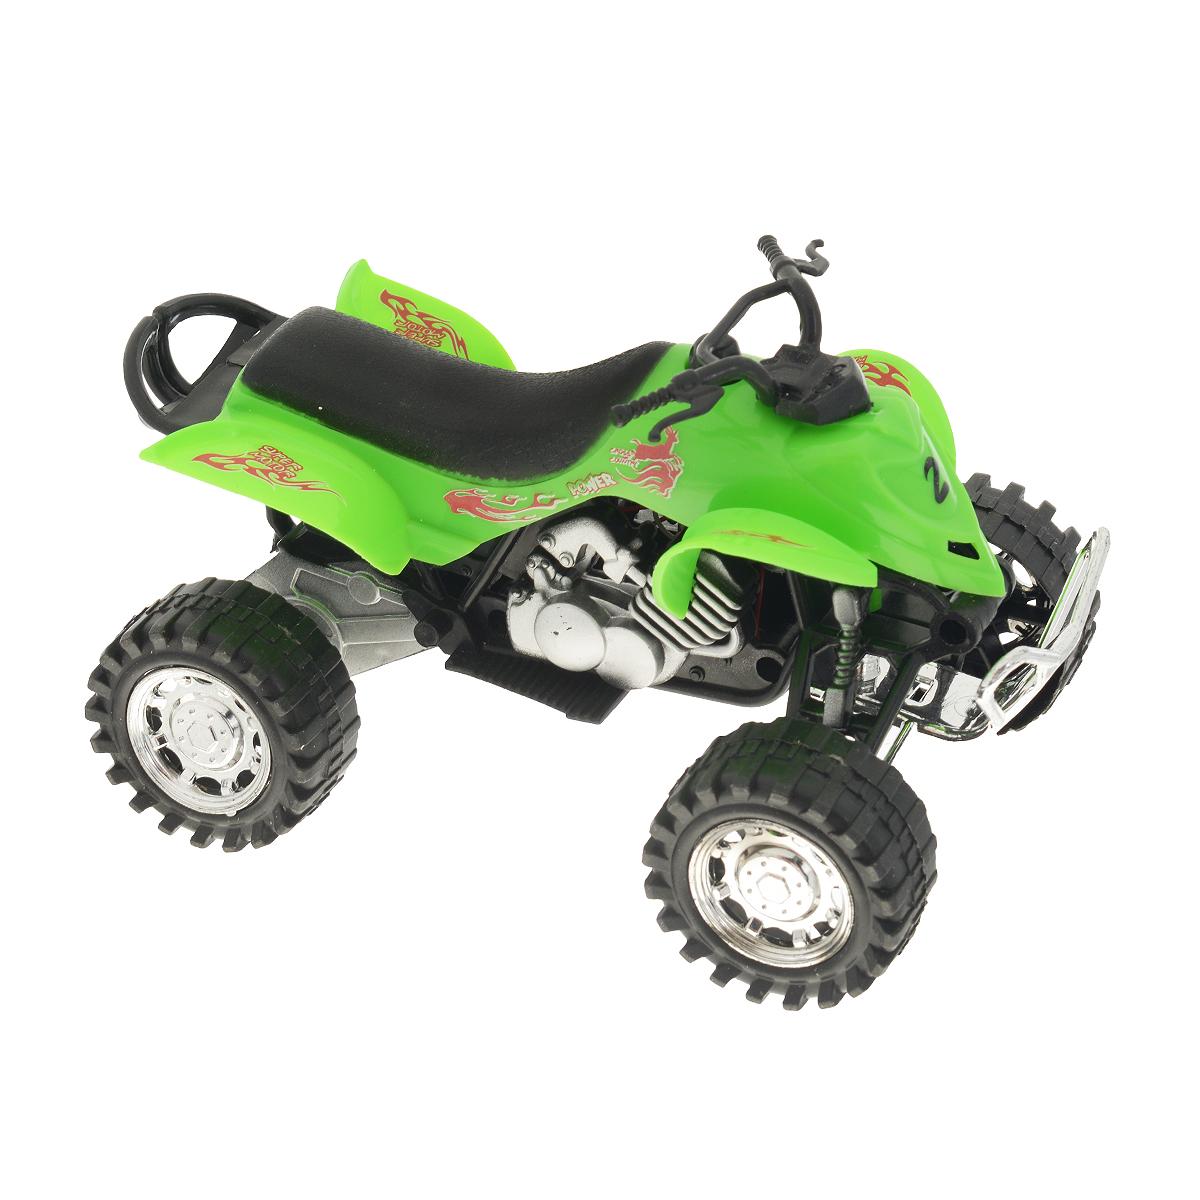 """Инерционная игрушка Dream Makers """"Квадроцикл"""", изготовленная из проного пластика, привлечет внимание вашего ребенка и не позволит ему скучать. Квадроцикл снабжен кнопкой, при нажатии на которую звучат различные звуки. Игрушка оснащена инерционным механизмом: стоит откатить квадроцикл назад, затем отпустить и он молниеносно поедет вперед. Ребенок с удовольствием будет играть с этой игрушкой, придумывая разные истории. Порадуйте его таким замечательным подарком! Рекомендуется докупить 3 батарейки типа LR44 (товар комплектуется демонстрационными)."""